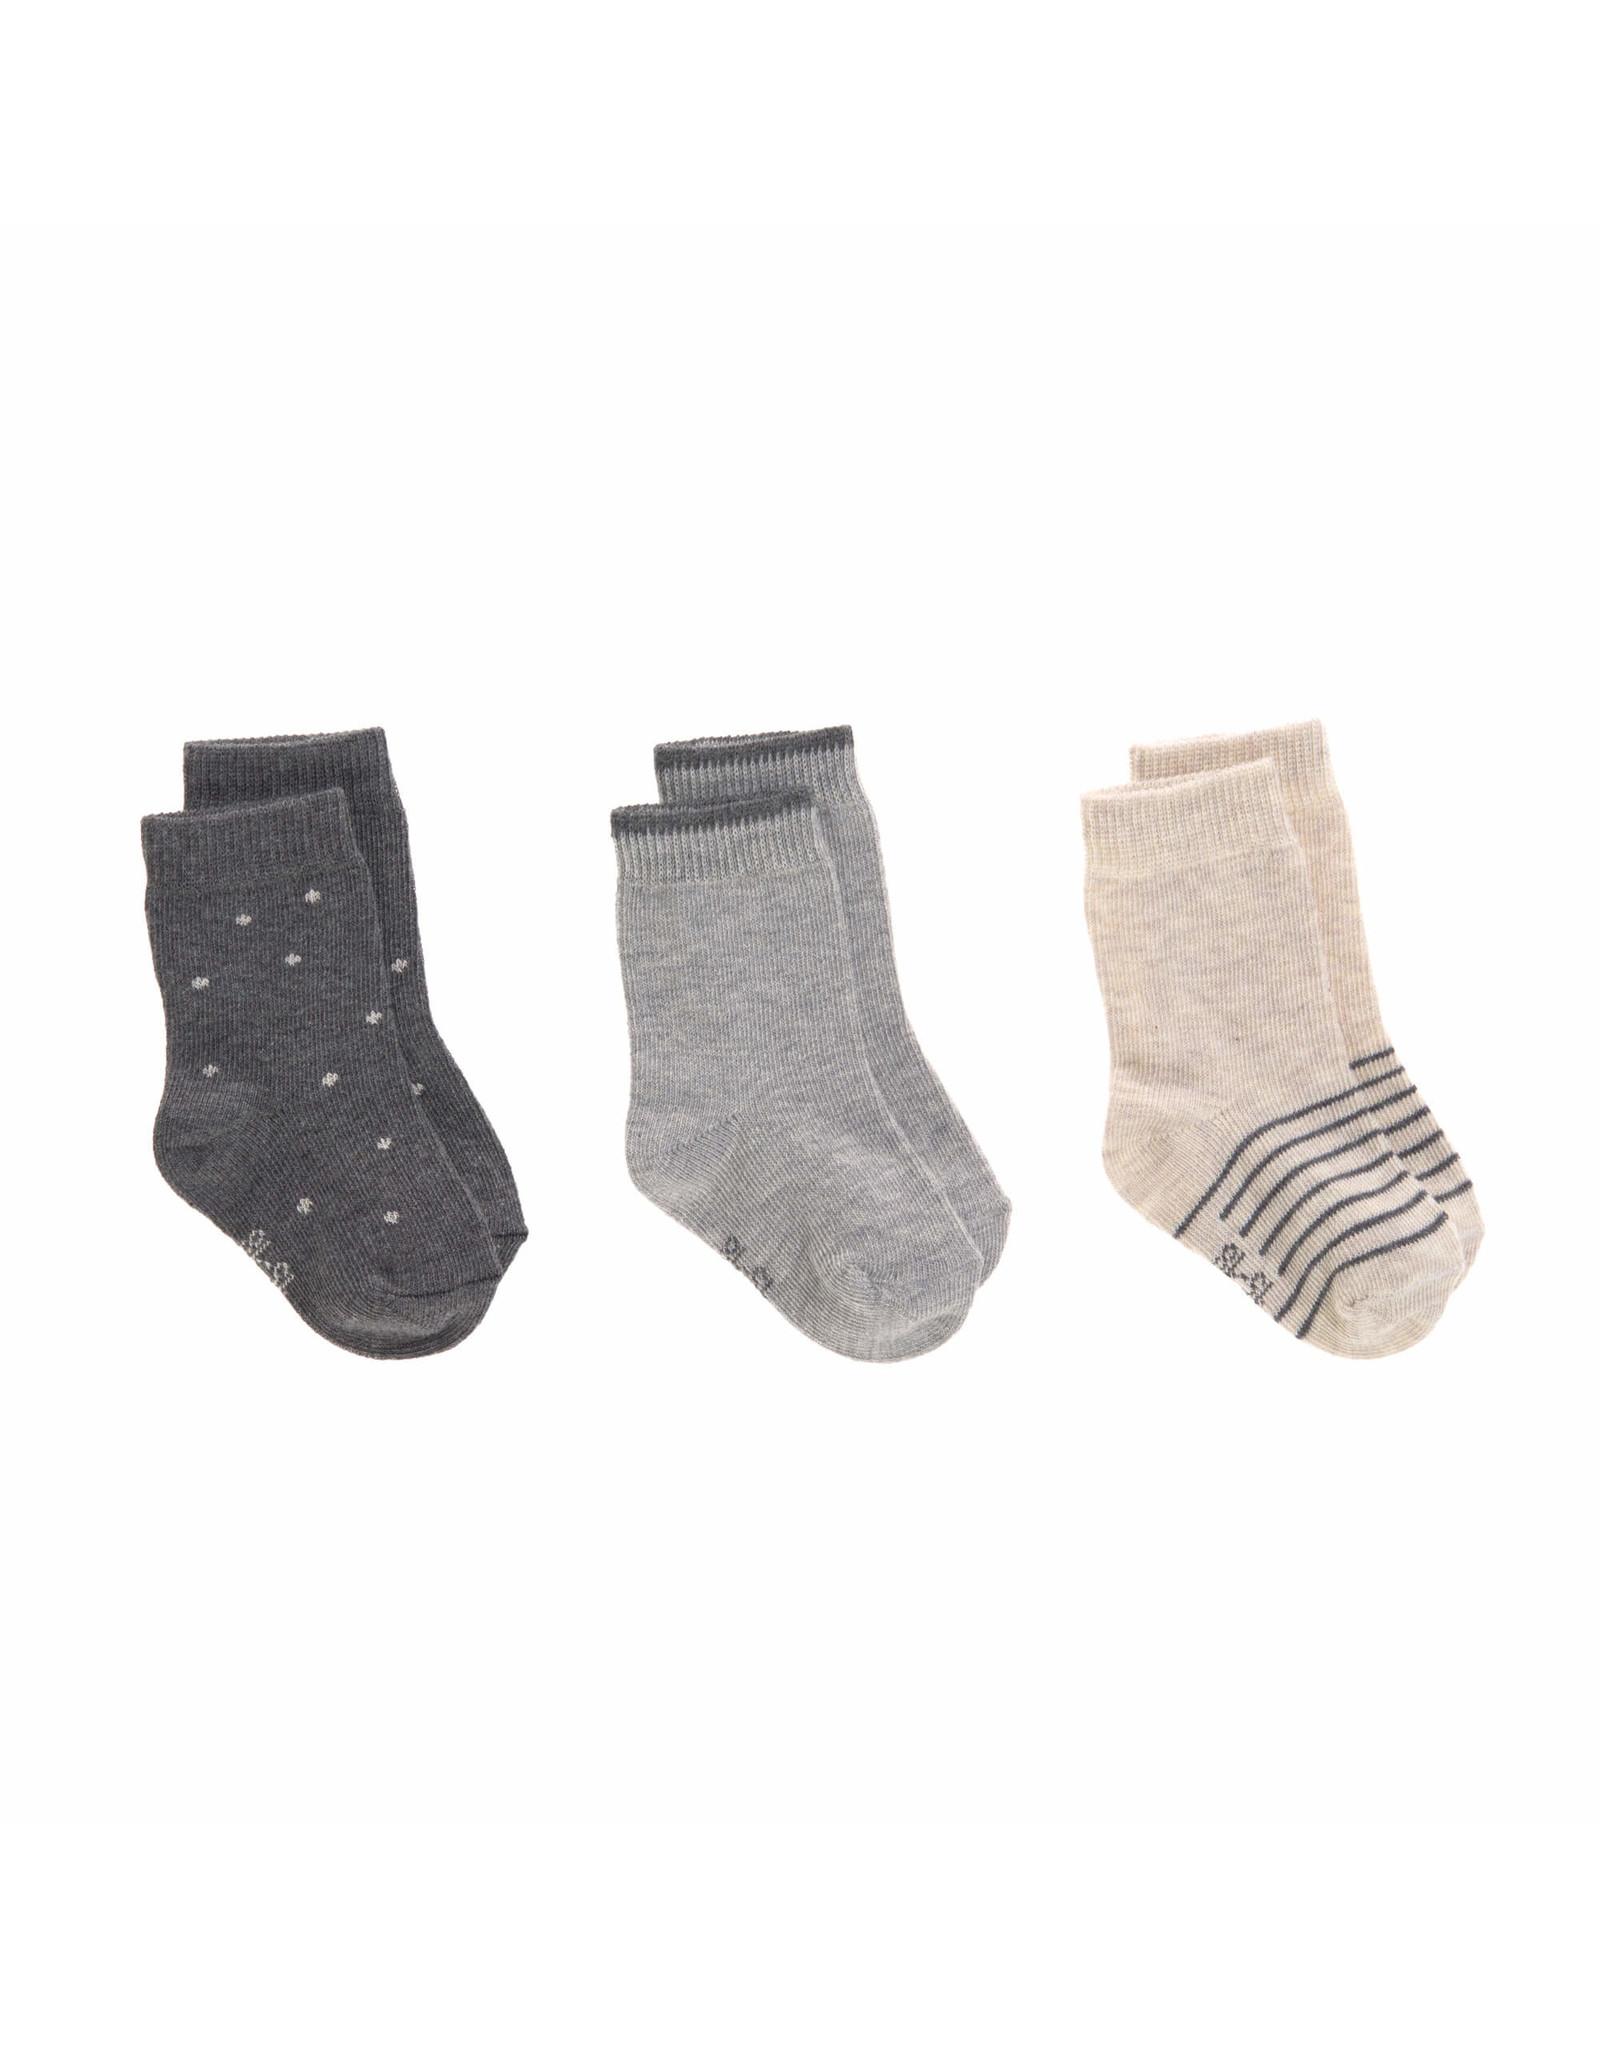 Lassig Lassig Socks 3pcs Grey